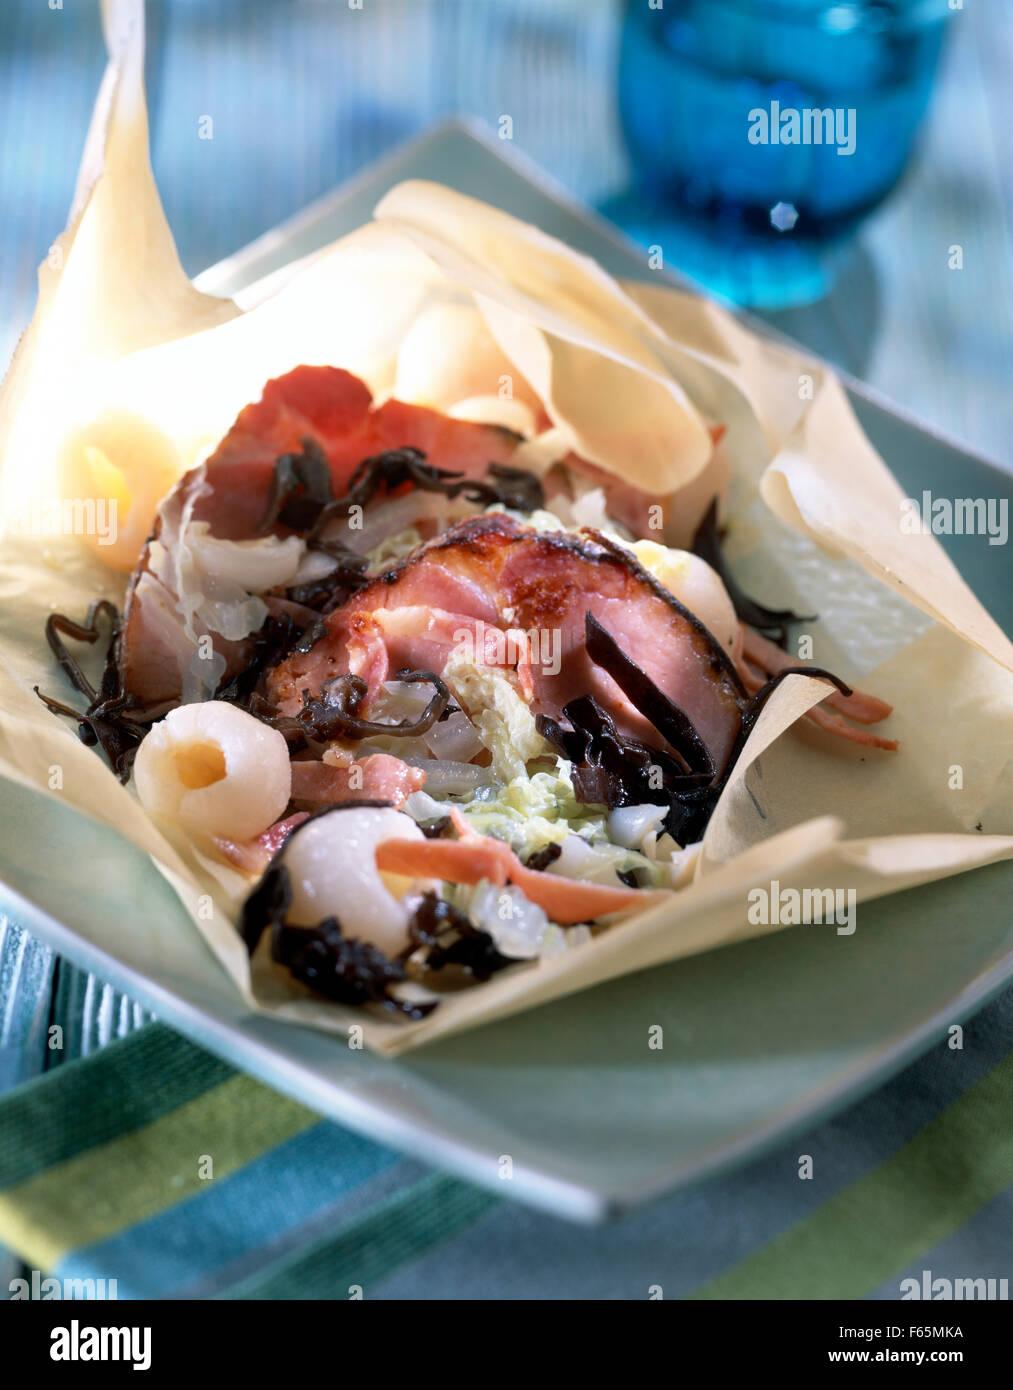 Estilo Oriental asado de cerdo cocinado en papel encerado Foto de stock